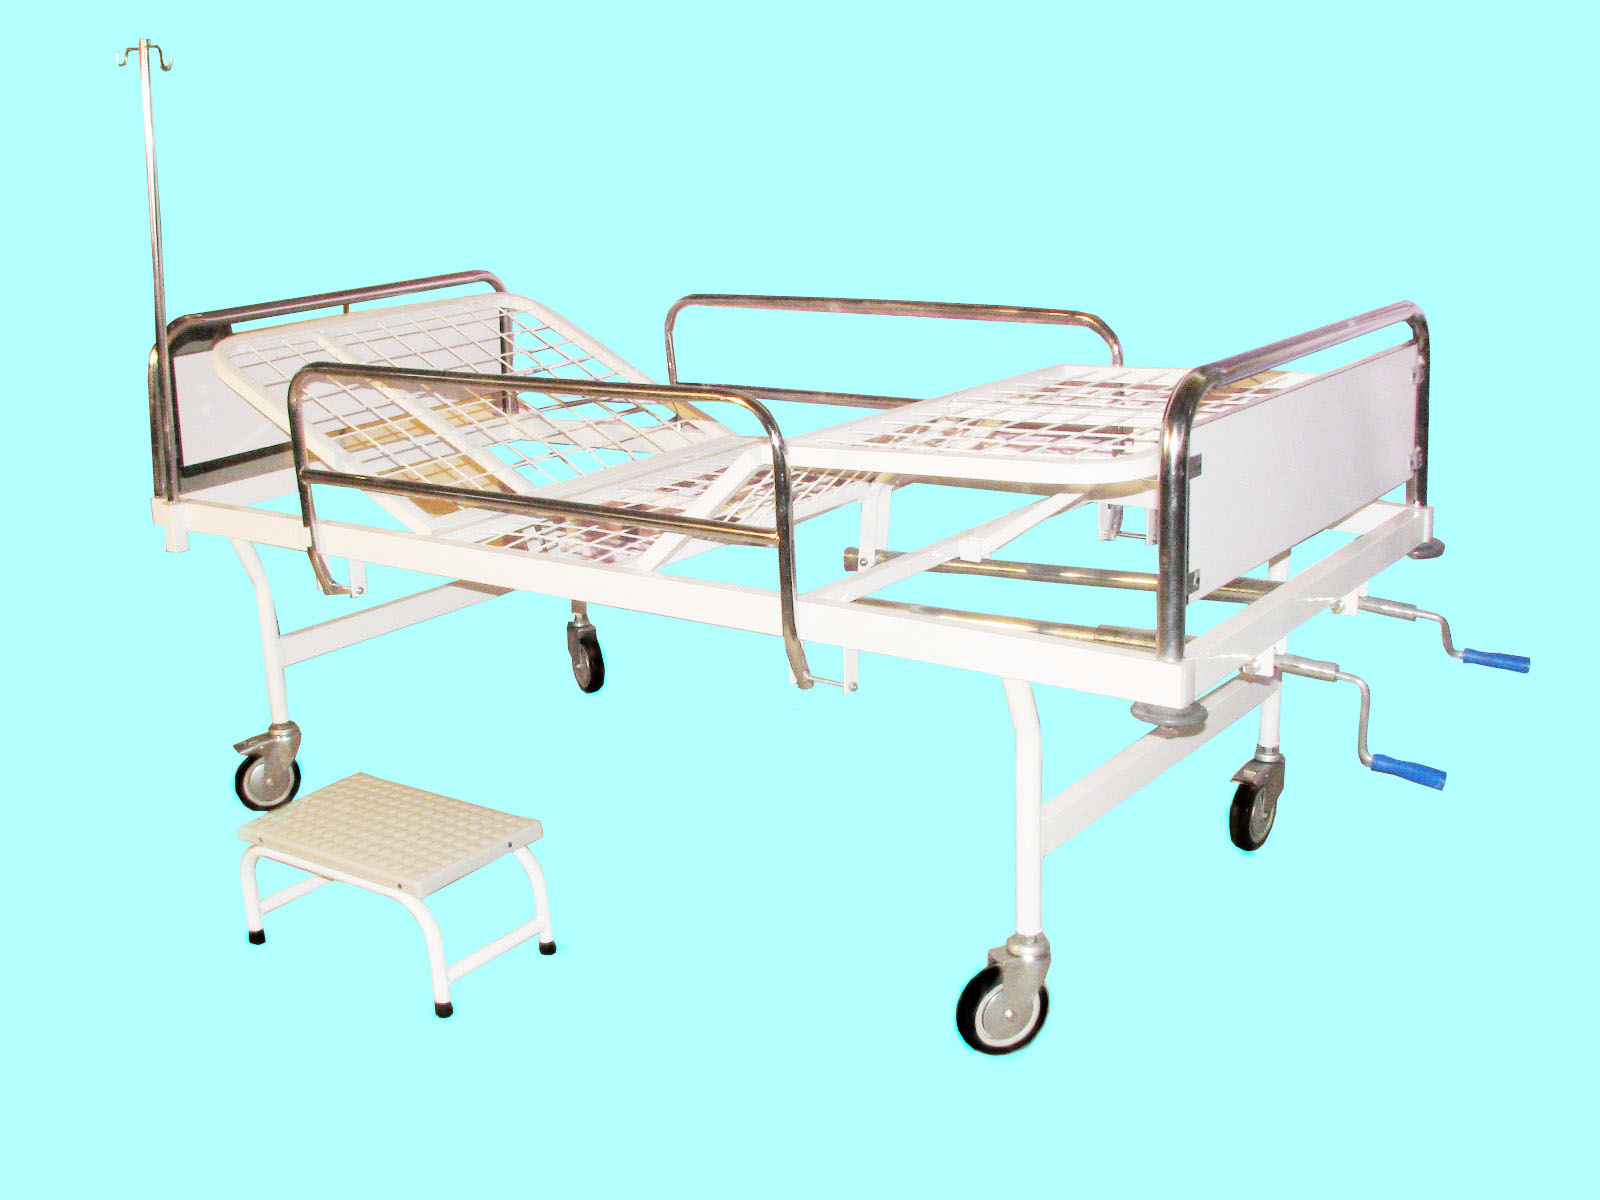 تخت بیمارستانی سه شکن مکانیکی – کد 106